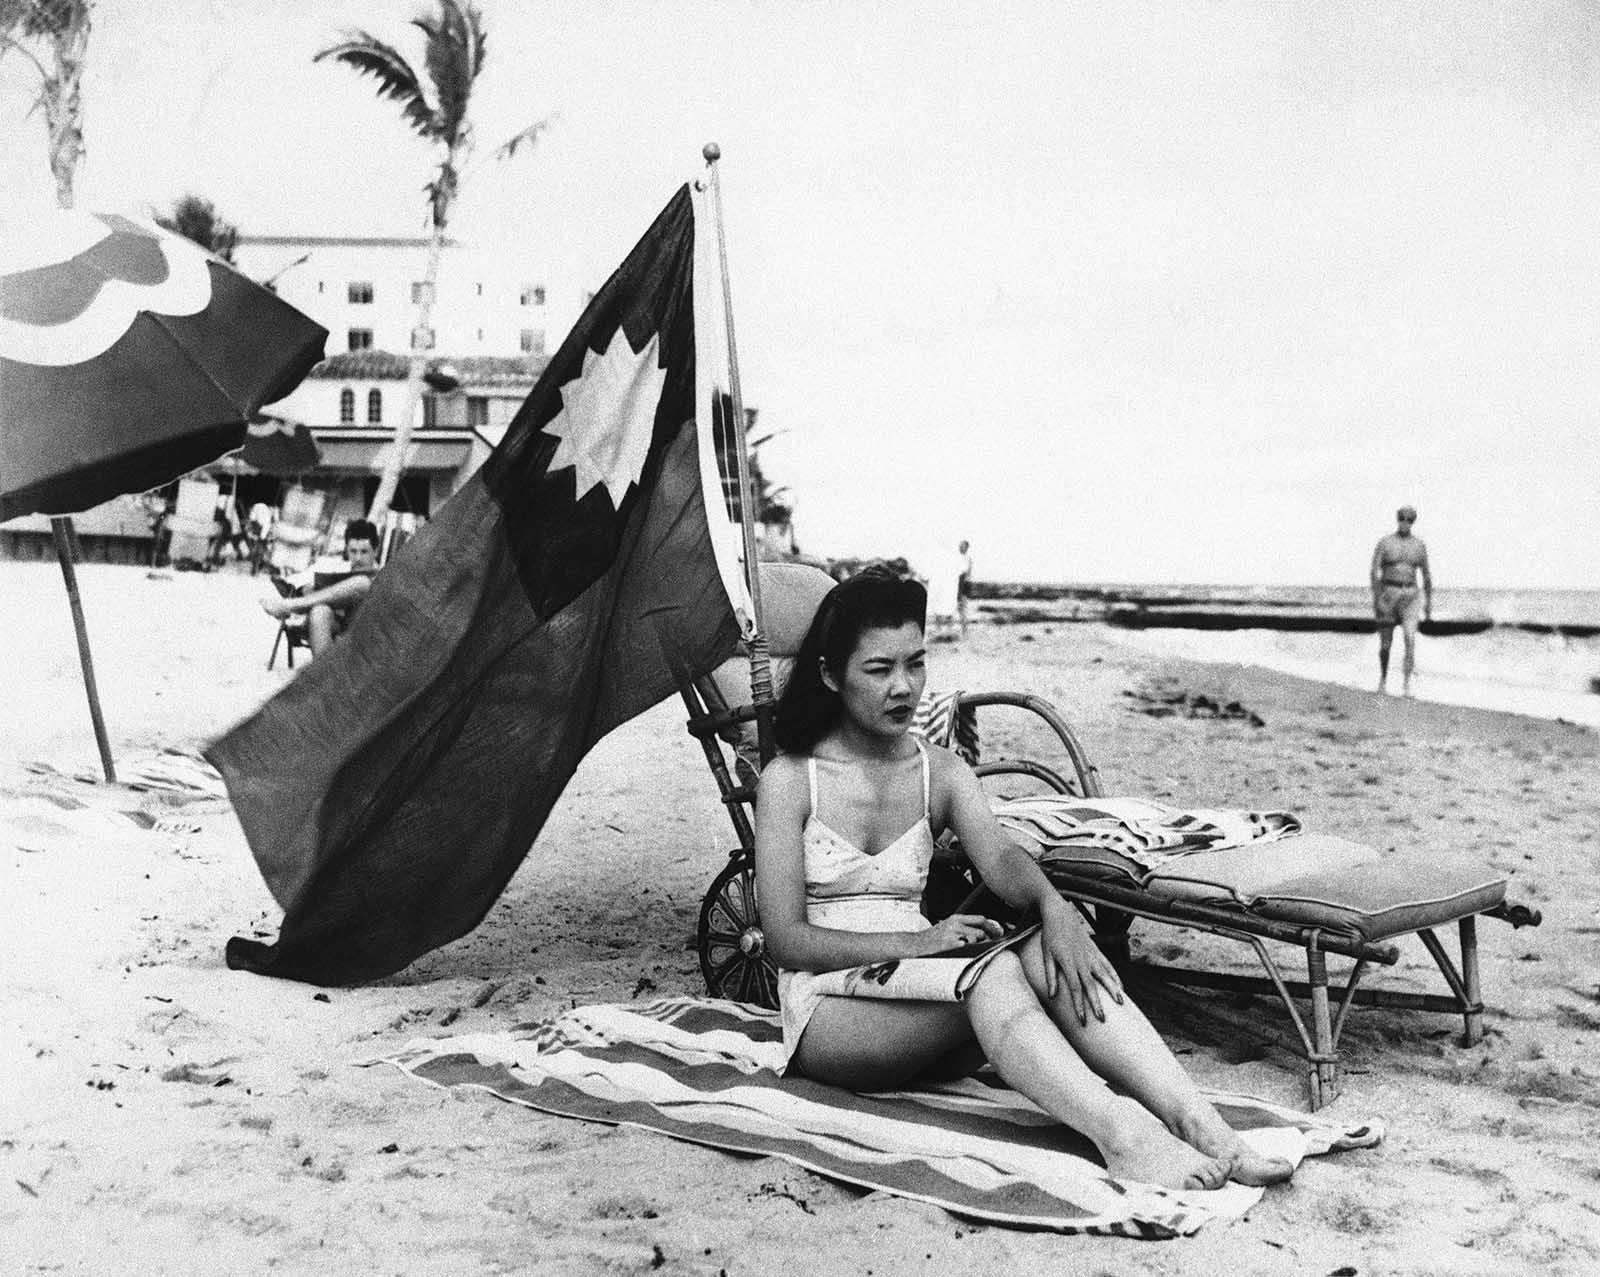 Ruth Lee, anfitriã de um restaurante chinês, exibe uma bandeira chinesa para não se confundir com japonesa quando toma sol nos dias de folga em Miami, após o ataque a Pearl Harbor, em 15 de dezembro de 1941. A bandeira mostrada aqui é a bandeira da China nacionalista que se exilou auto-imposta à ilha de Taiwan após a revolução comunista.  Esta bandeira é agora a bandeira de Taiwan.